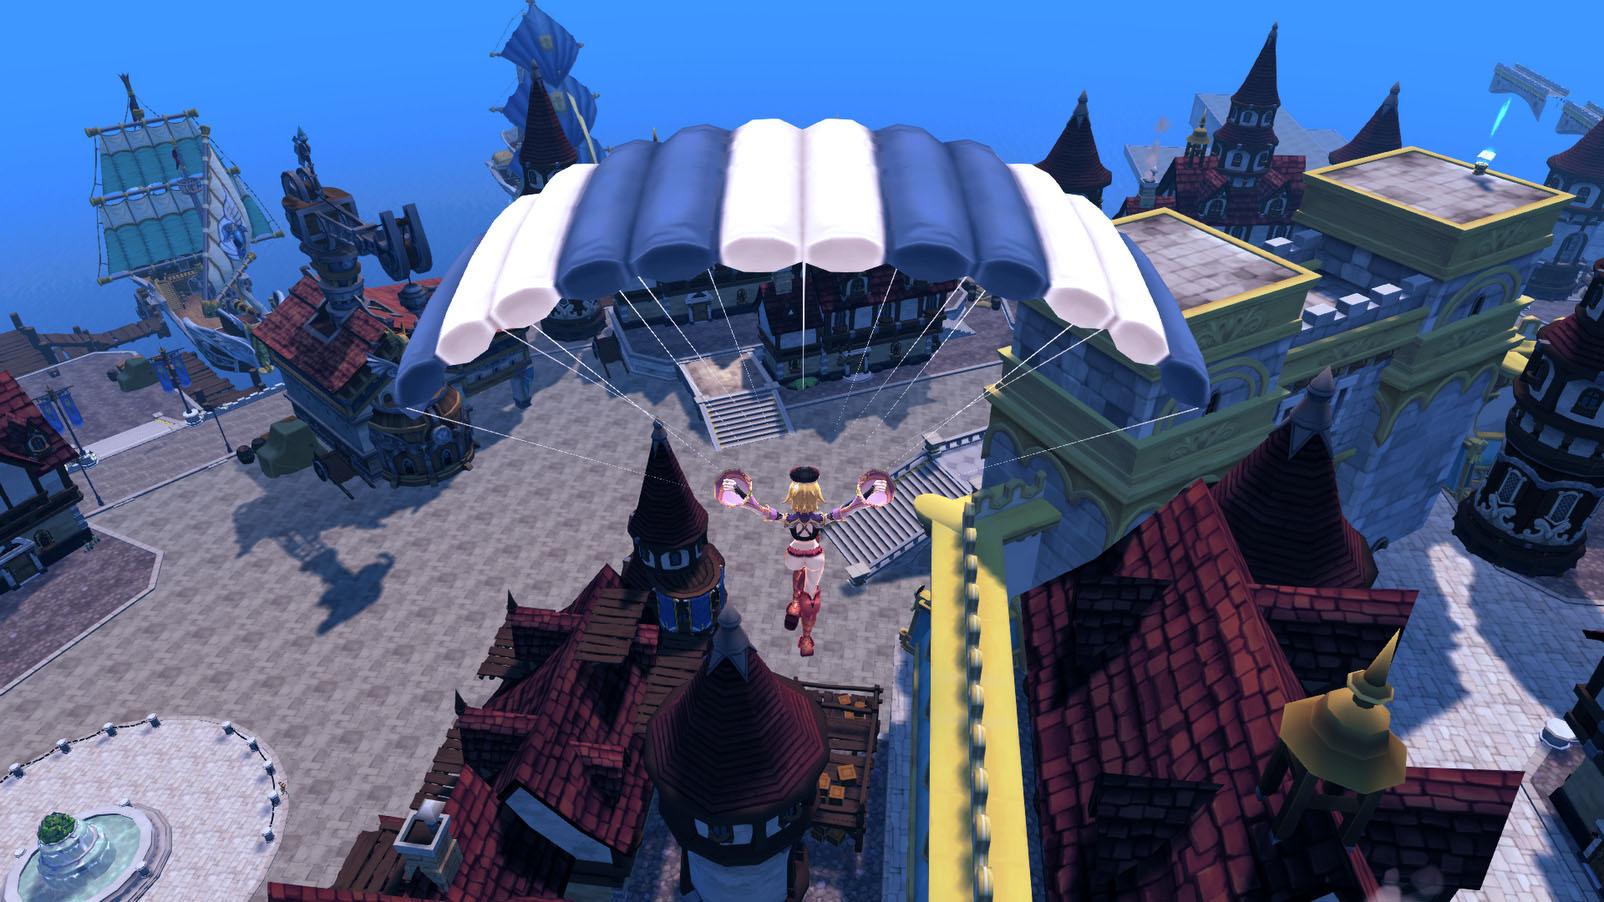 PlayCooらしいかわいらしいキャラクターが活躍する海賊MMORPG。空を飛んだり、ステージをジャンプで超えるなど、アクションゲーム要素のあるダンジョンが特徴。フィールドでは人間大砲やハンググライダーで空を飛べる